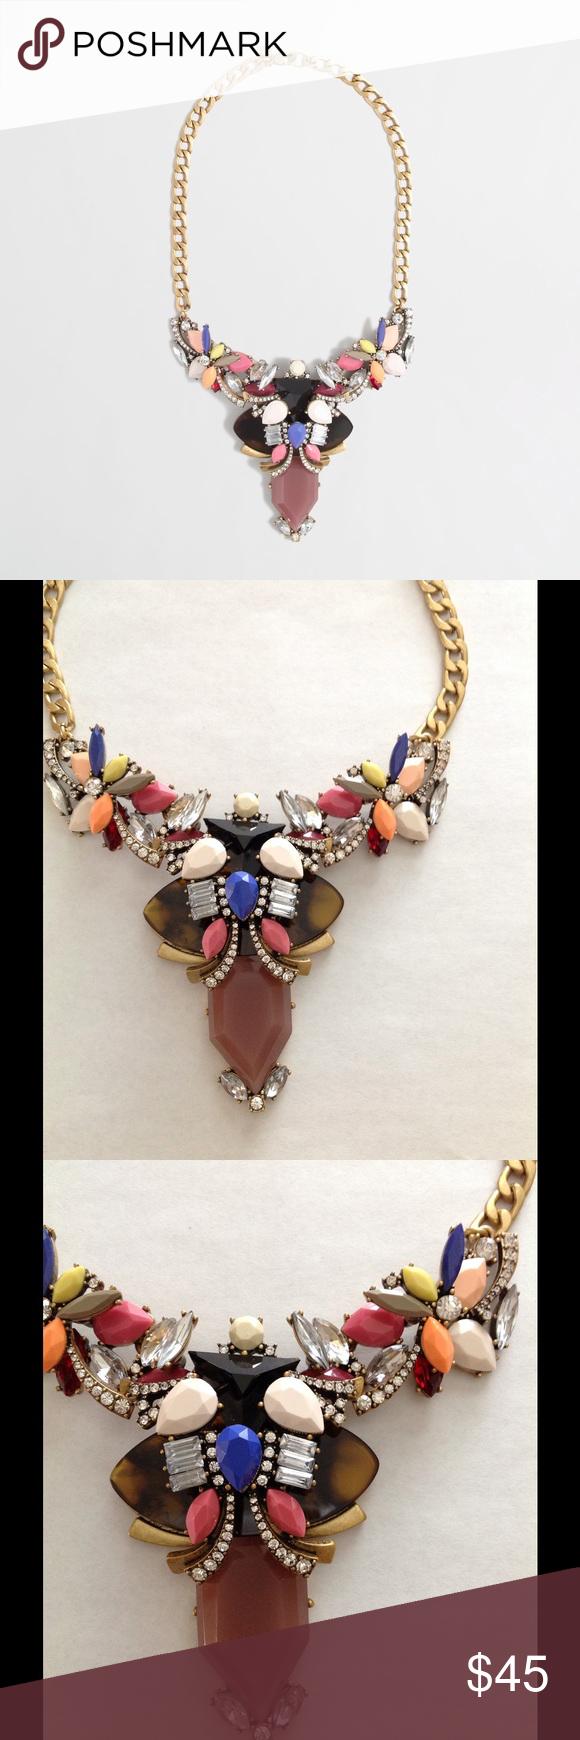 Soldj crew neon pendant necklace